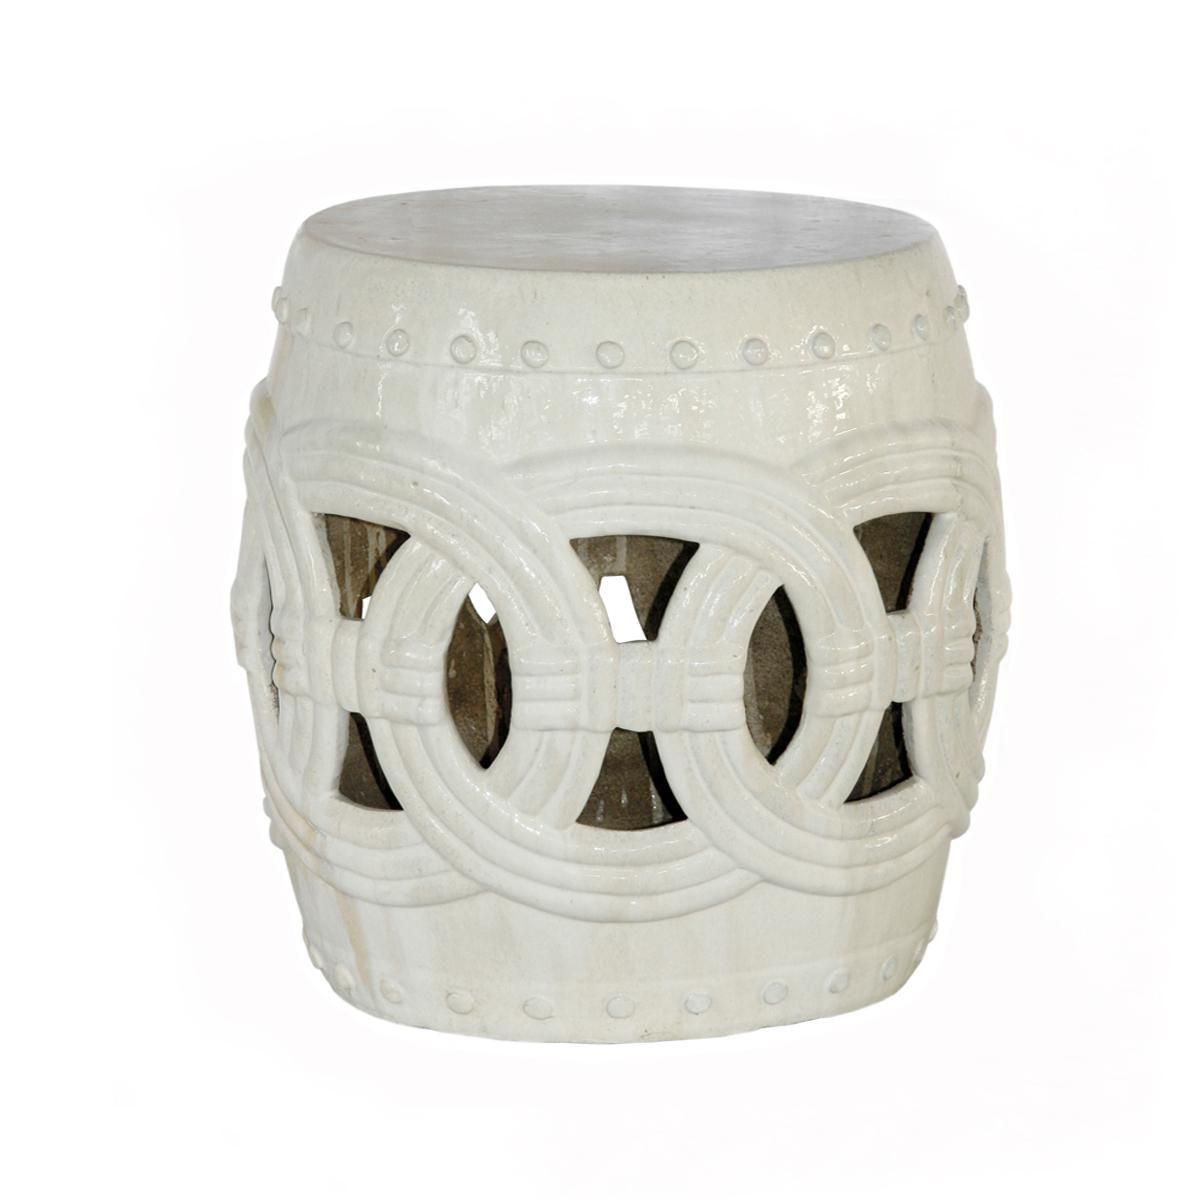 Holbrook Ceramic Garden Stool – Vozeli Inside Holbrook Ceramic Garden Stools (View 5 of 25)